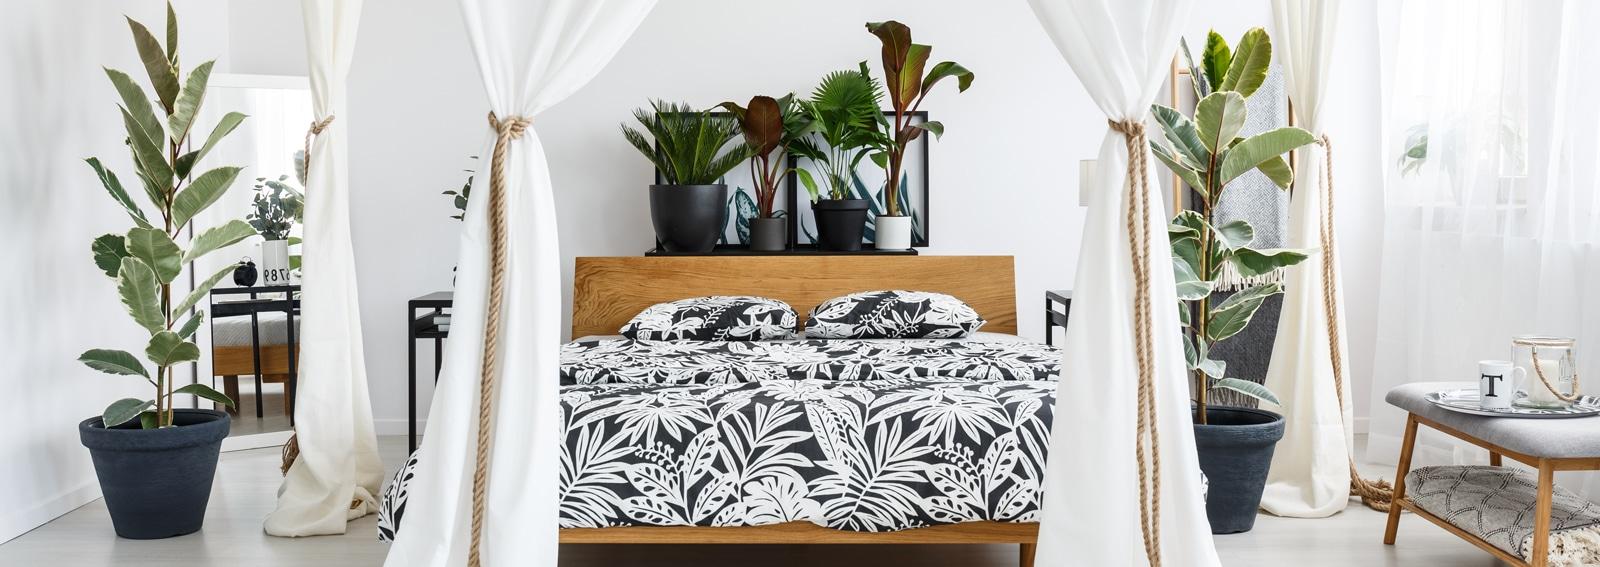 White drapes in bright bedroom